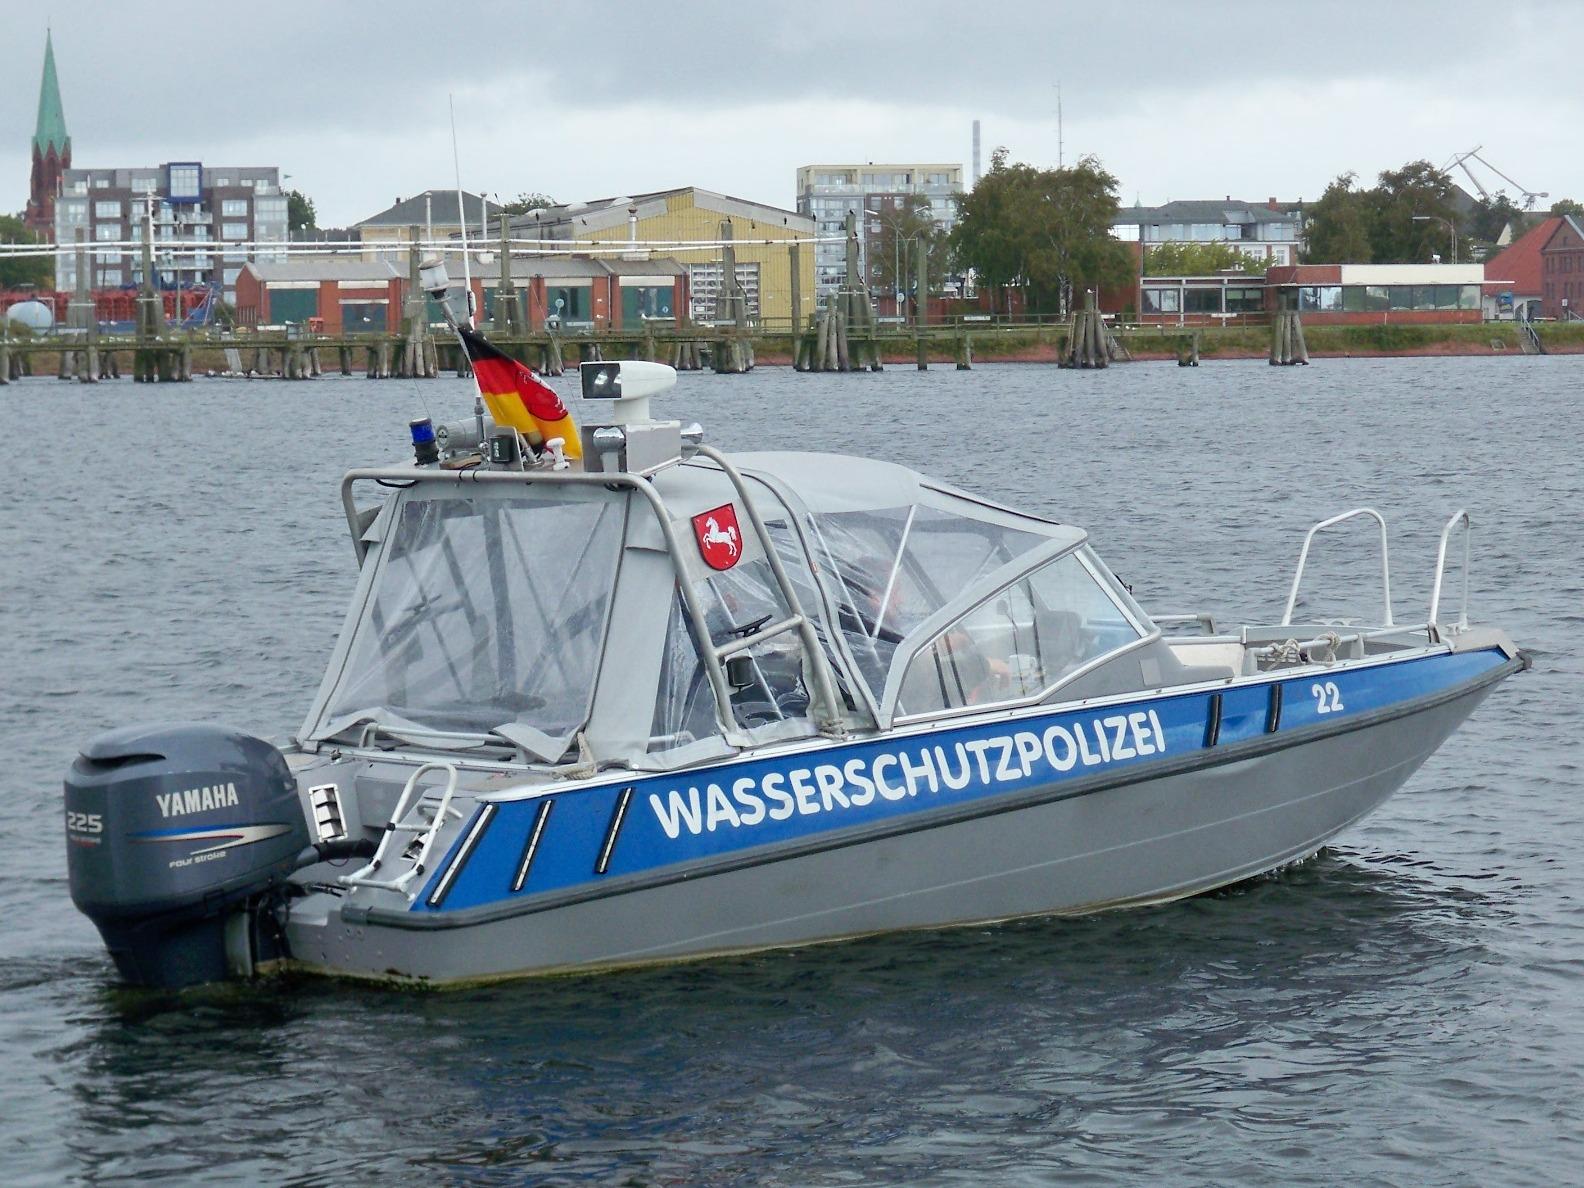 Polizeiboot - Quelle: WikiCommons, siehe Beitrag unten